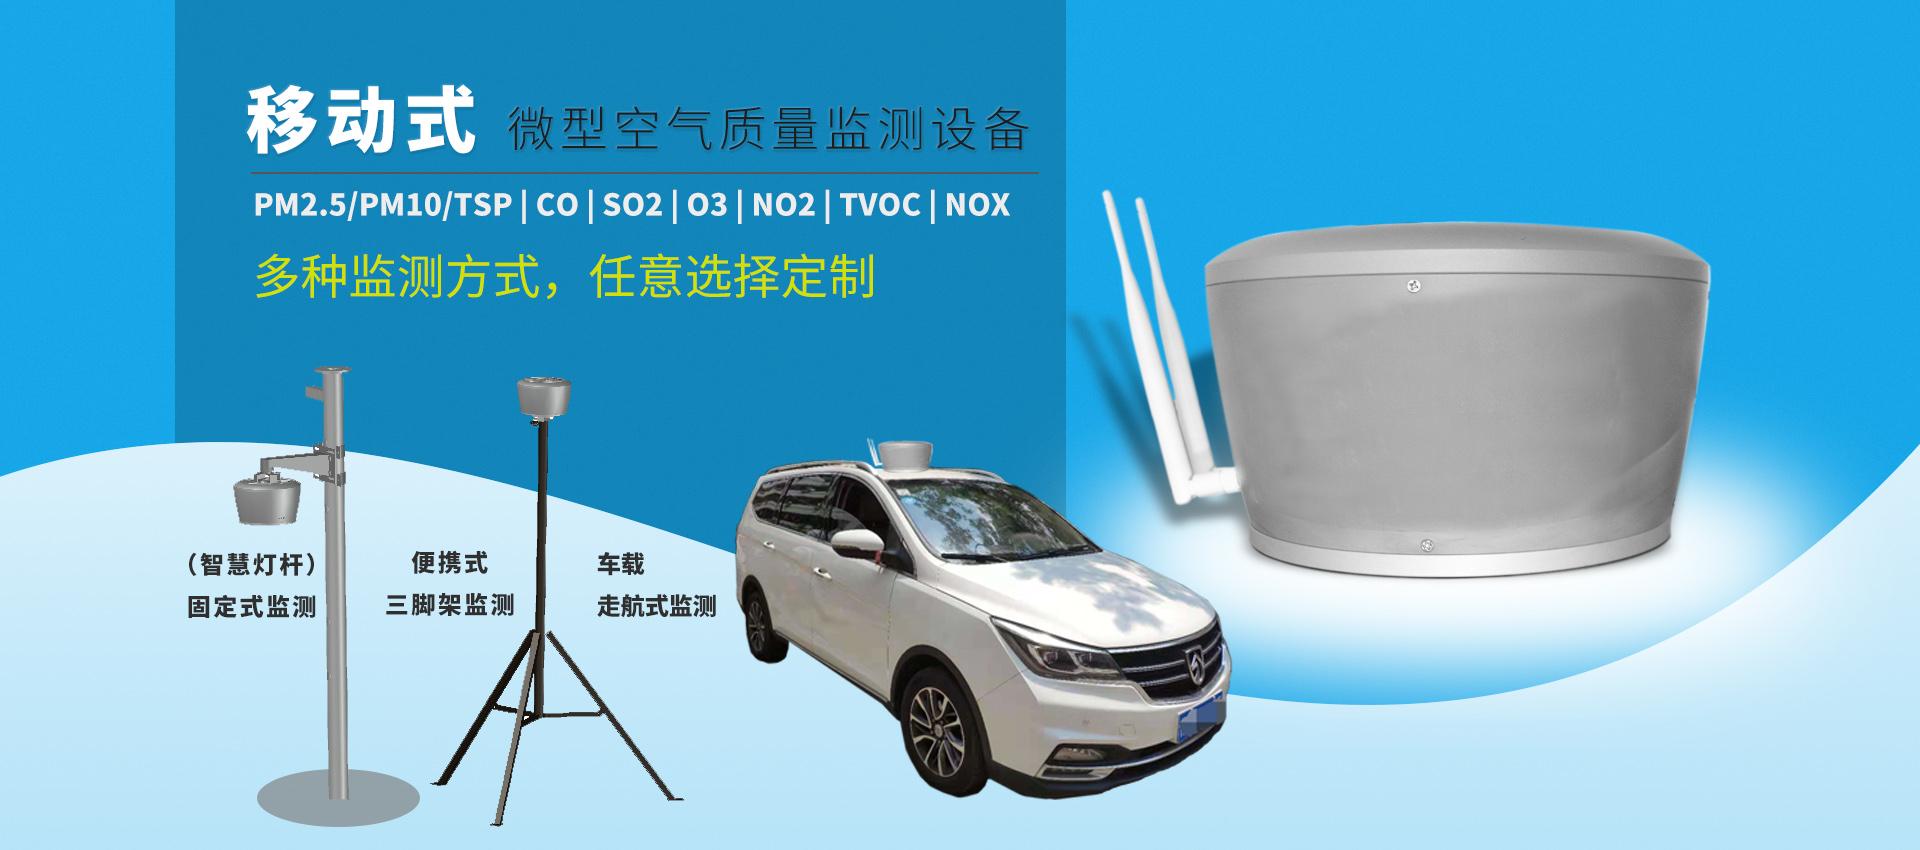 移动式网格化微型空气质量监测设备